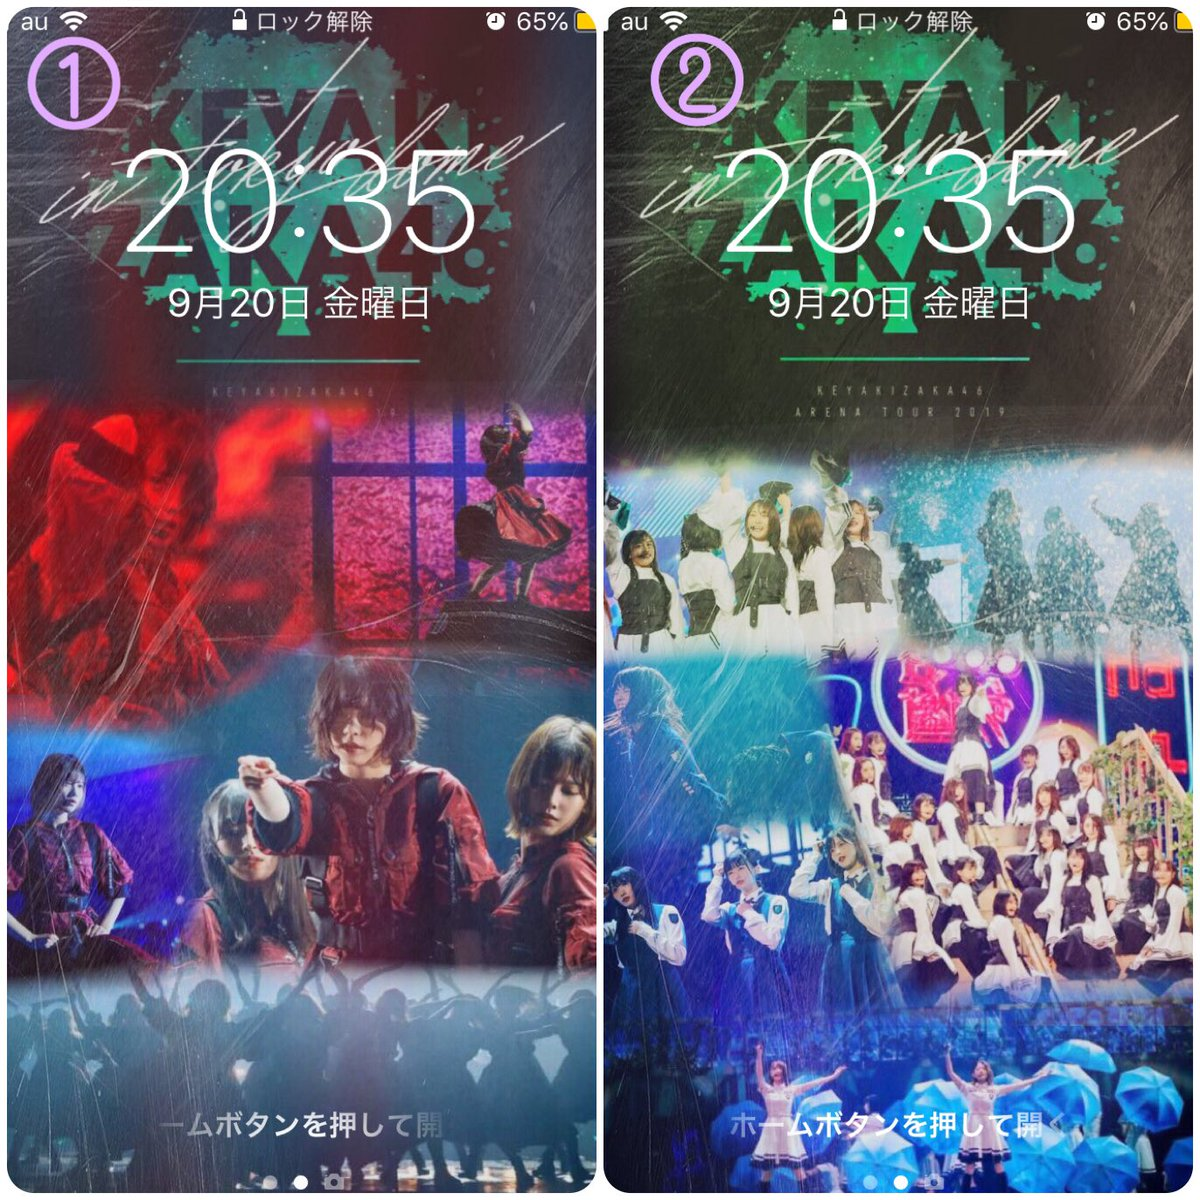 欅坂46東京ドーム公演 hashtag on Twitter